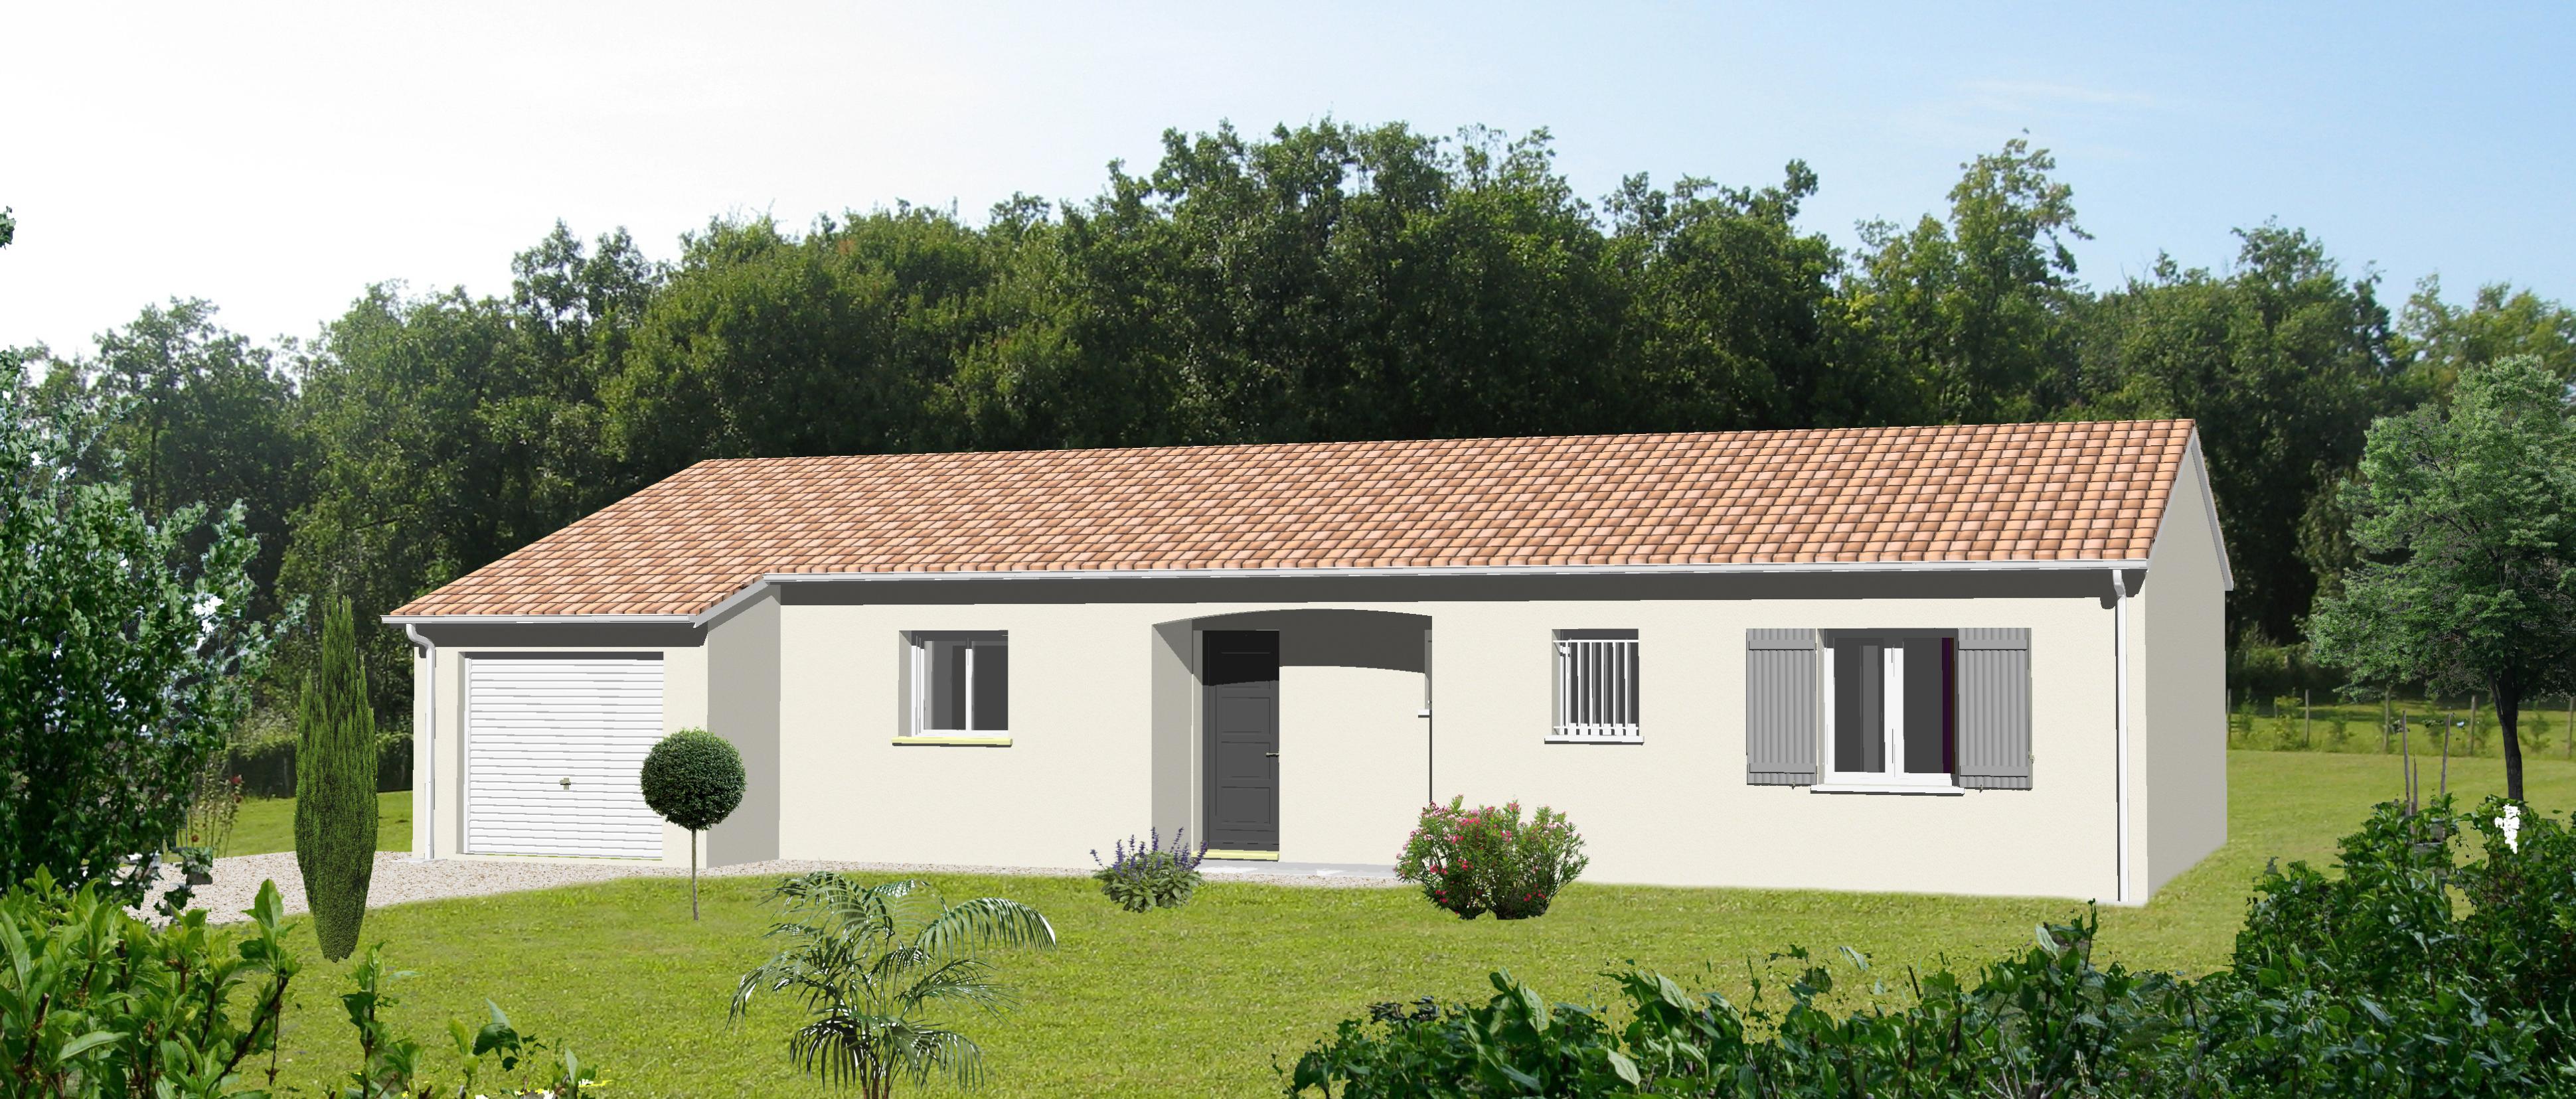 Constructeur maison plain pied  Angoulªme Charente 16